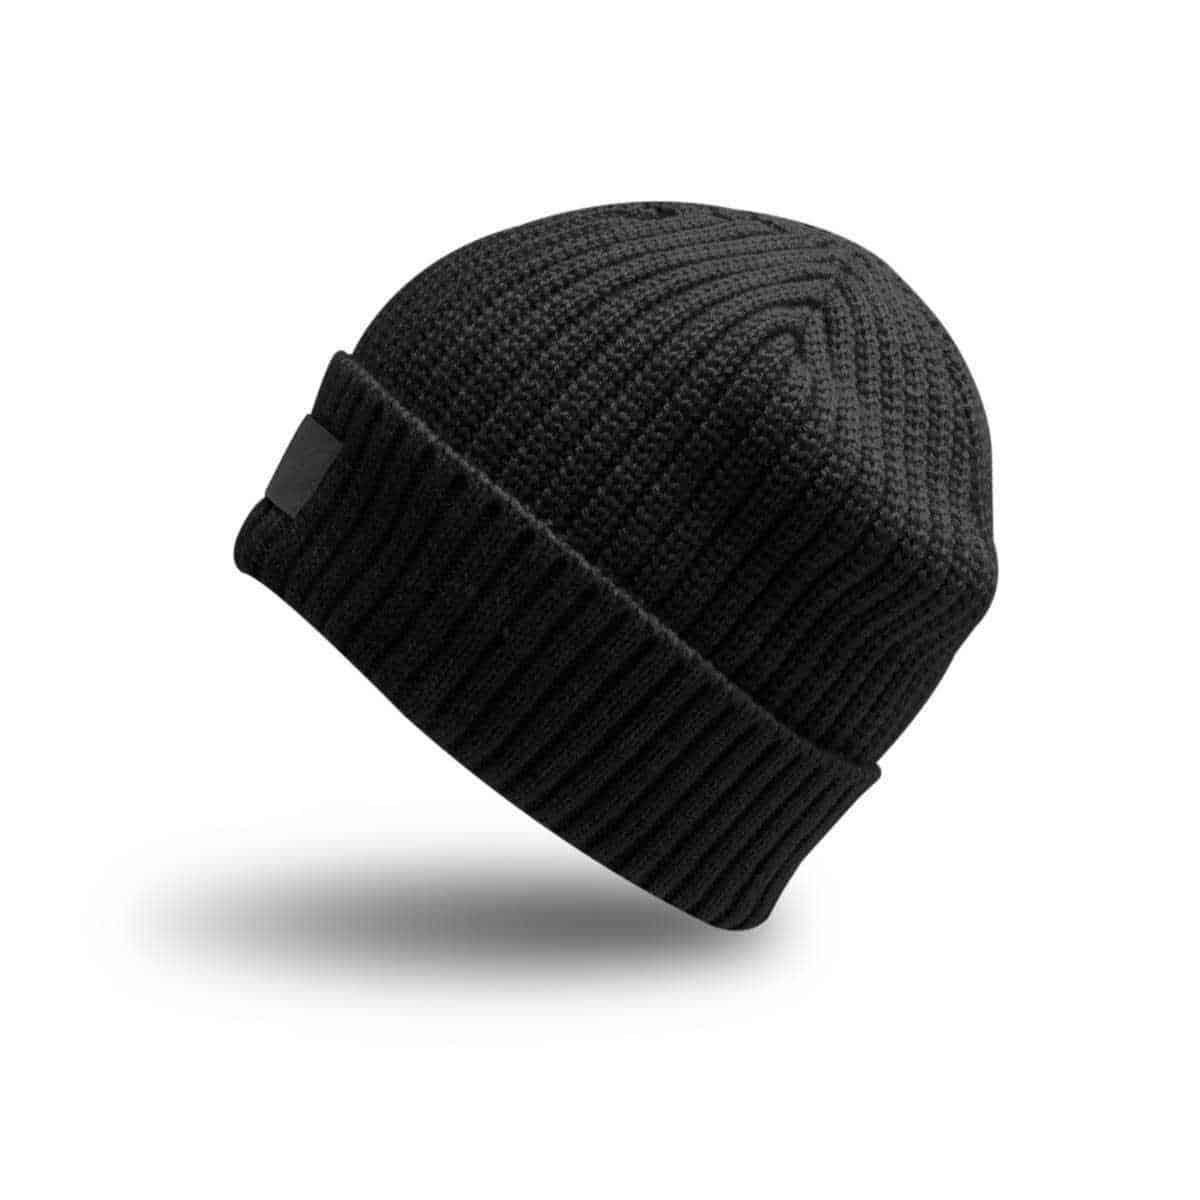 Cuffed  Beanie Headwear and Accessories